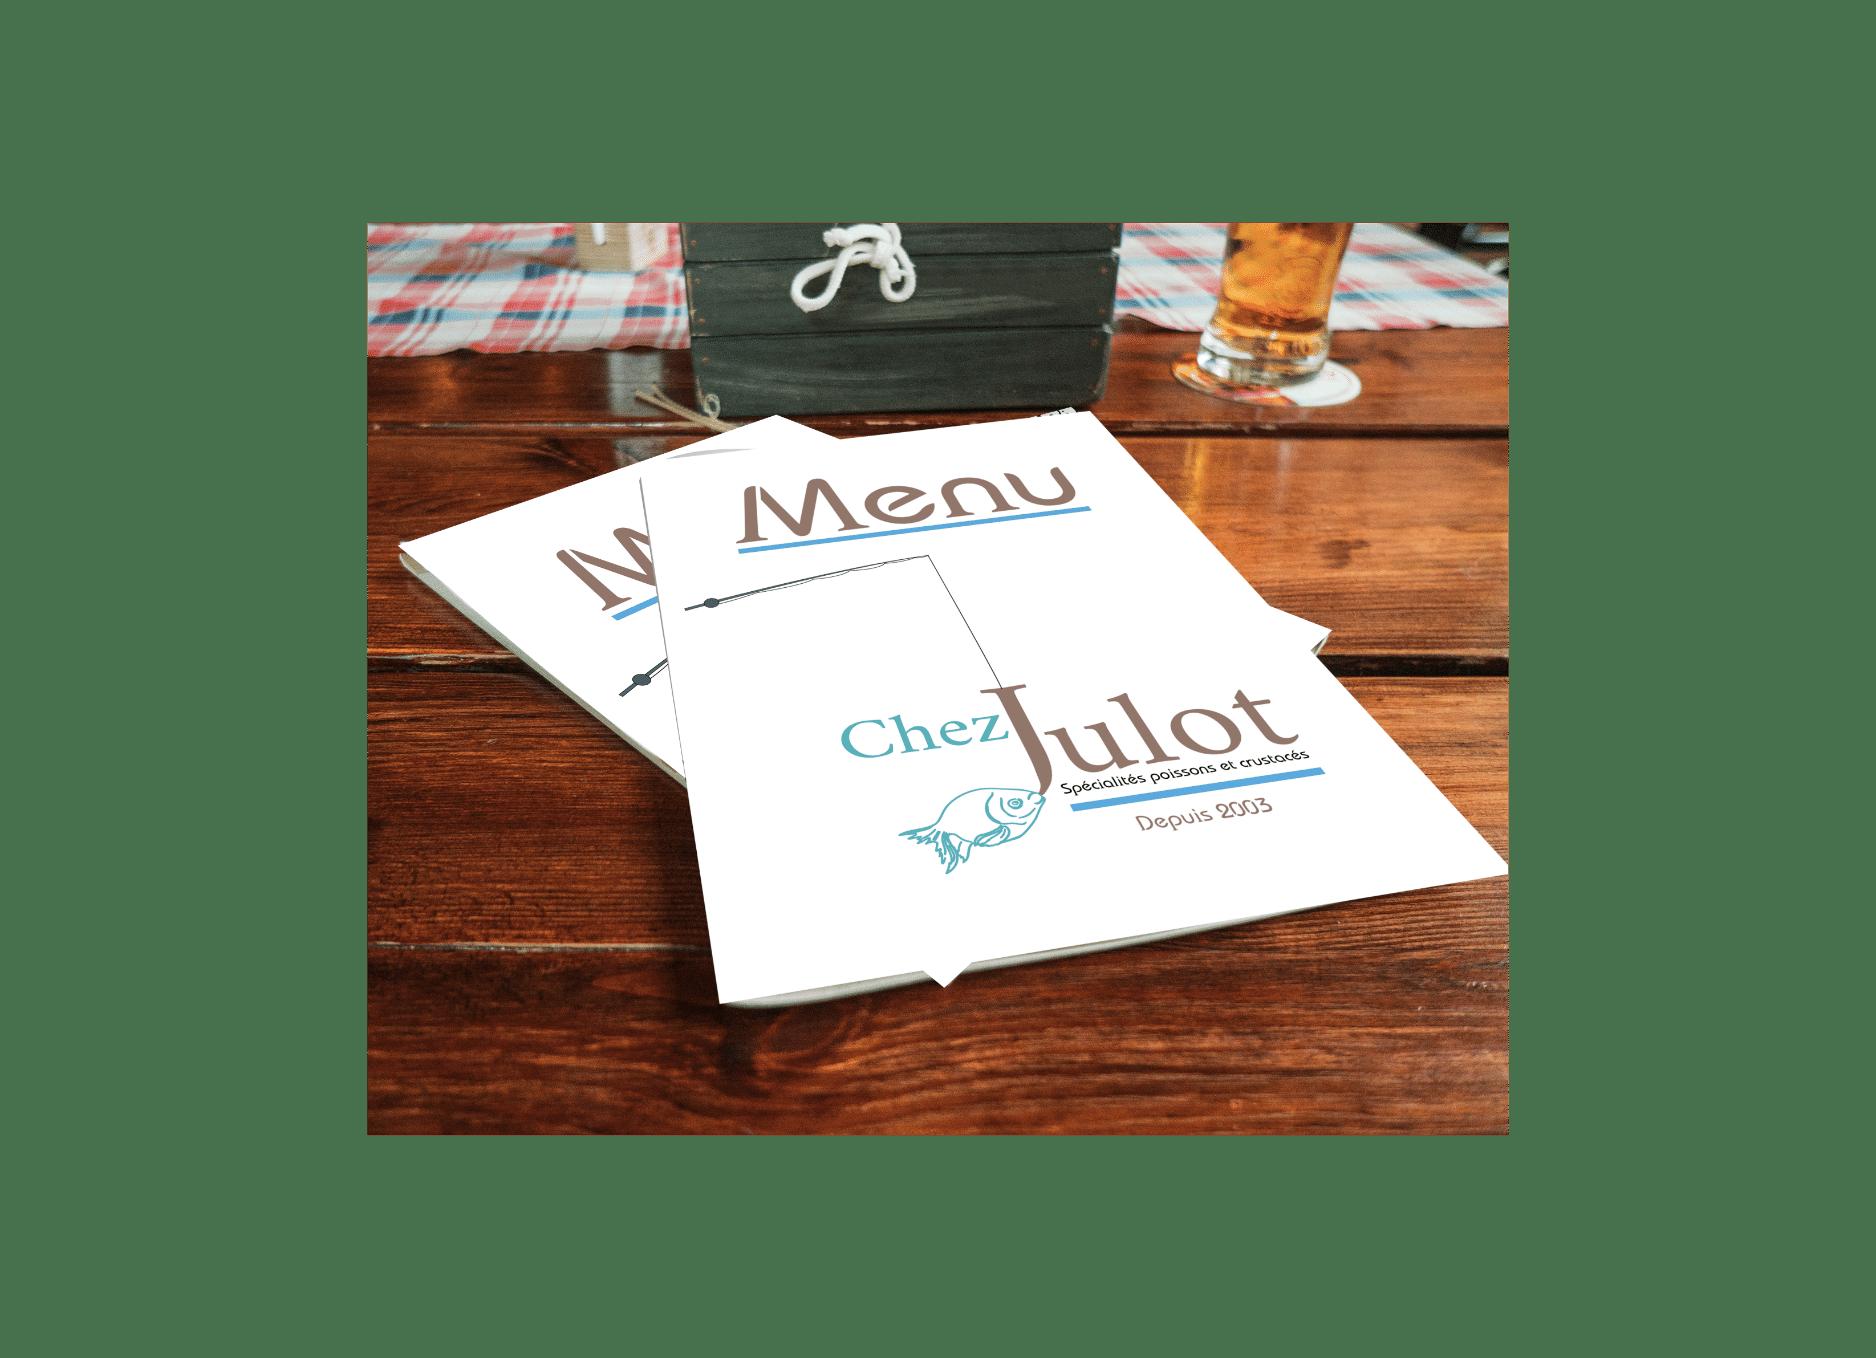 Chez Julot menu